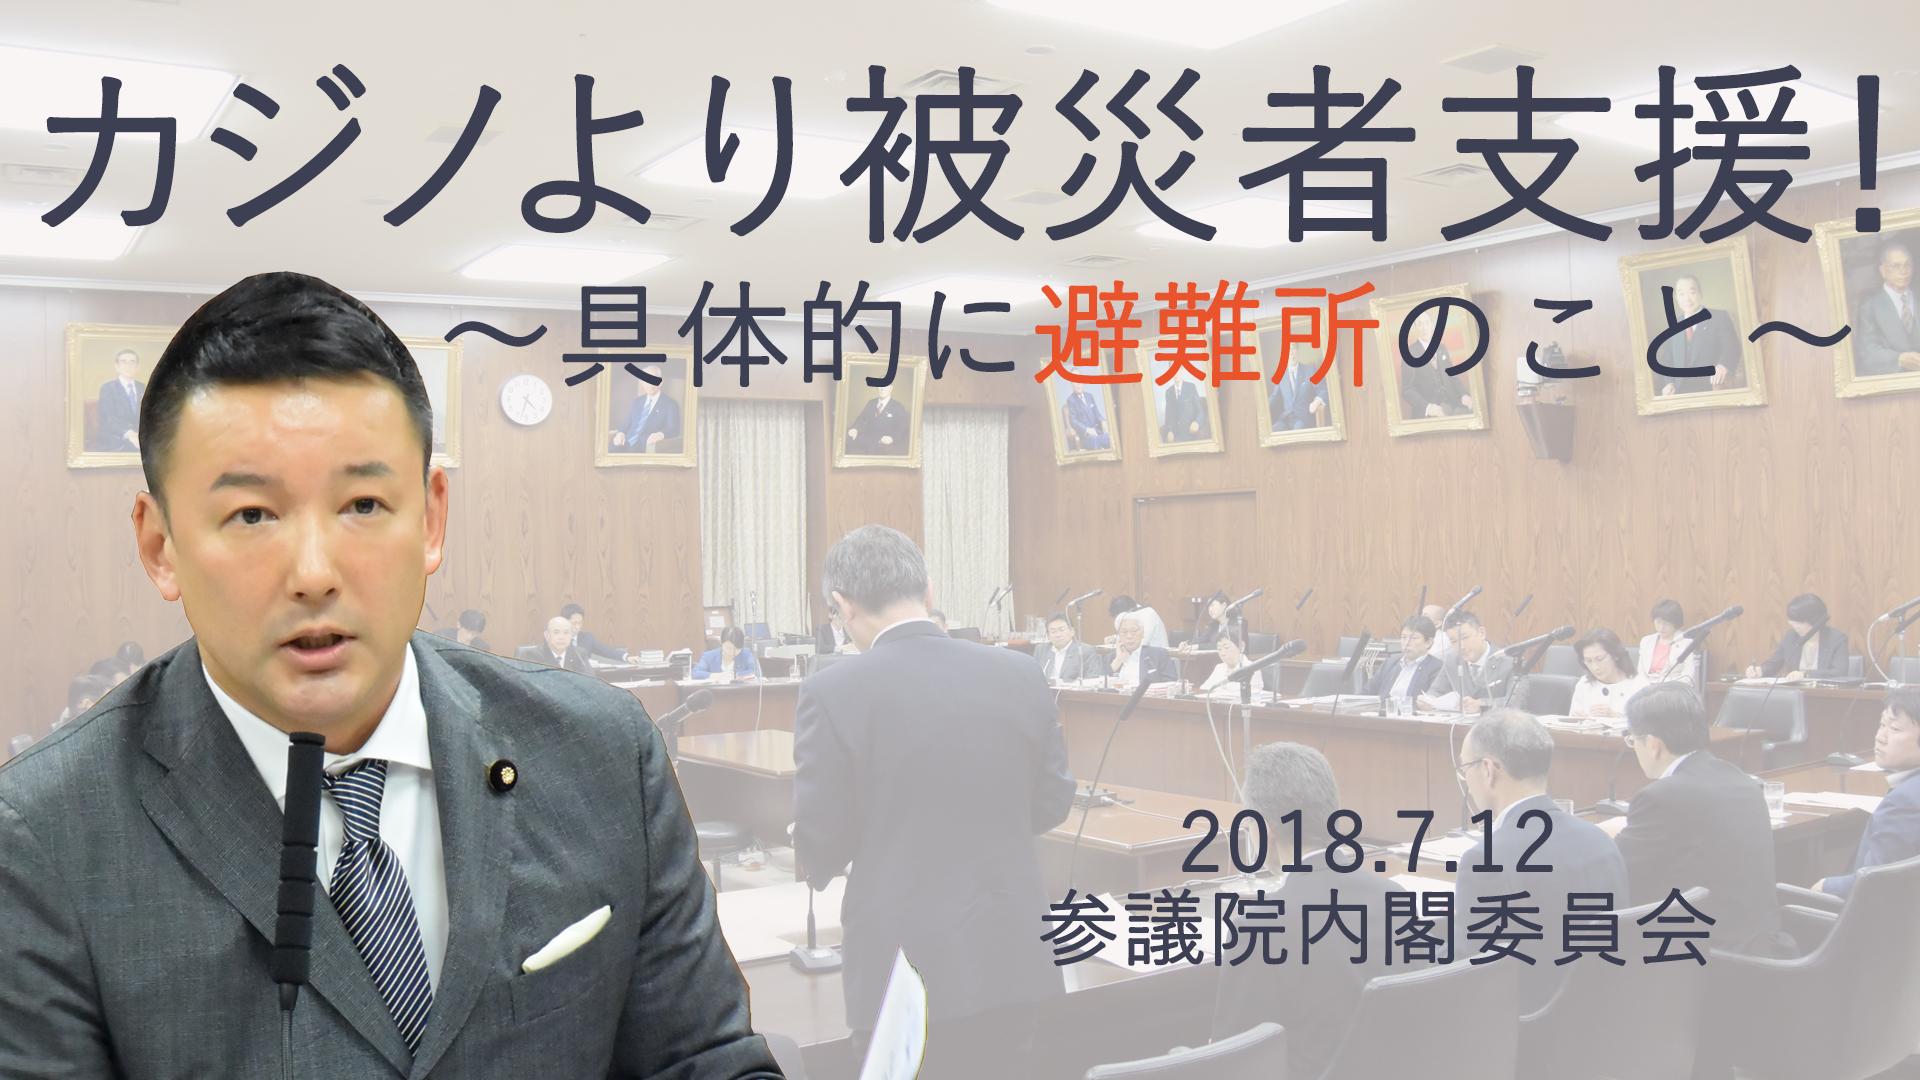 18.07.12内閣委員会バナー